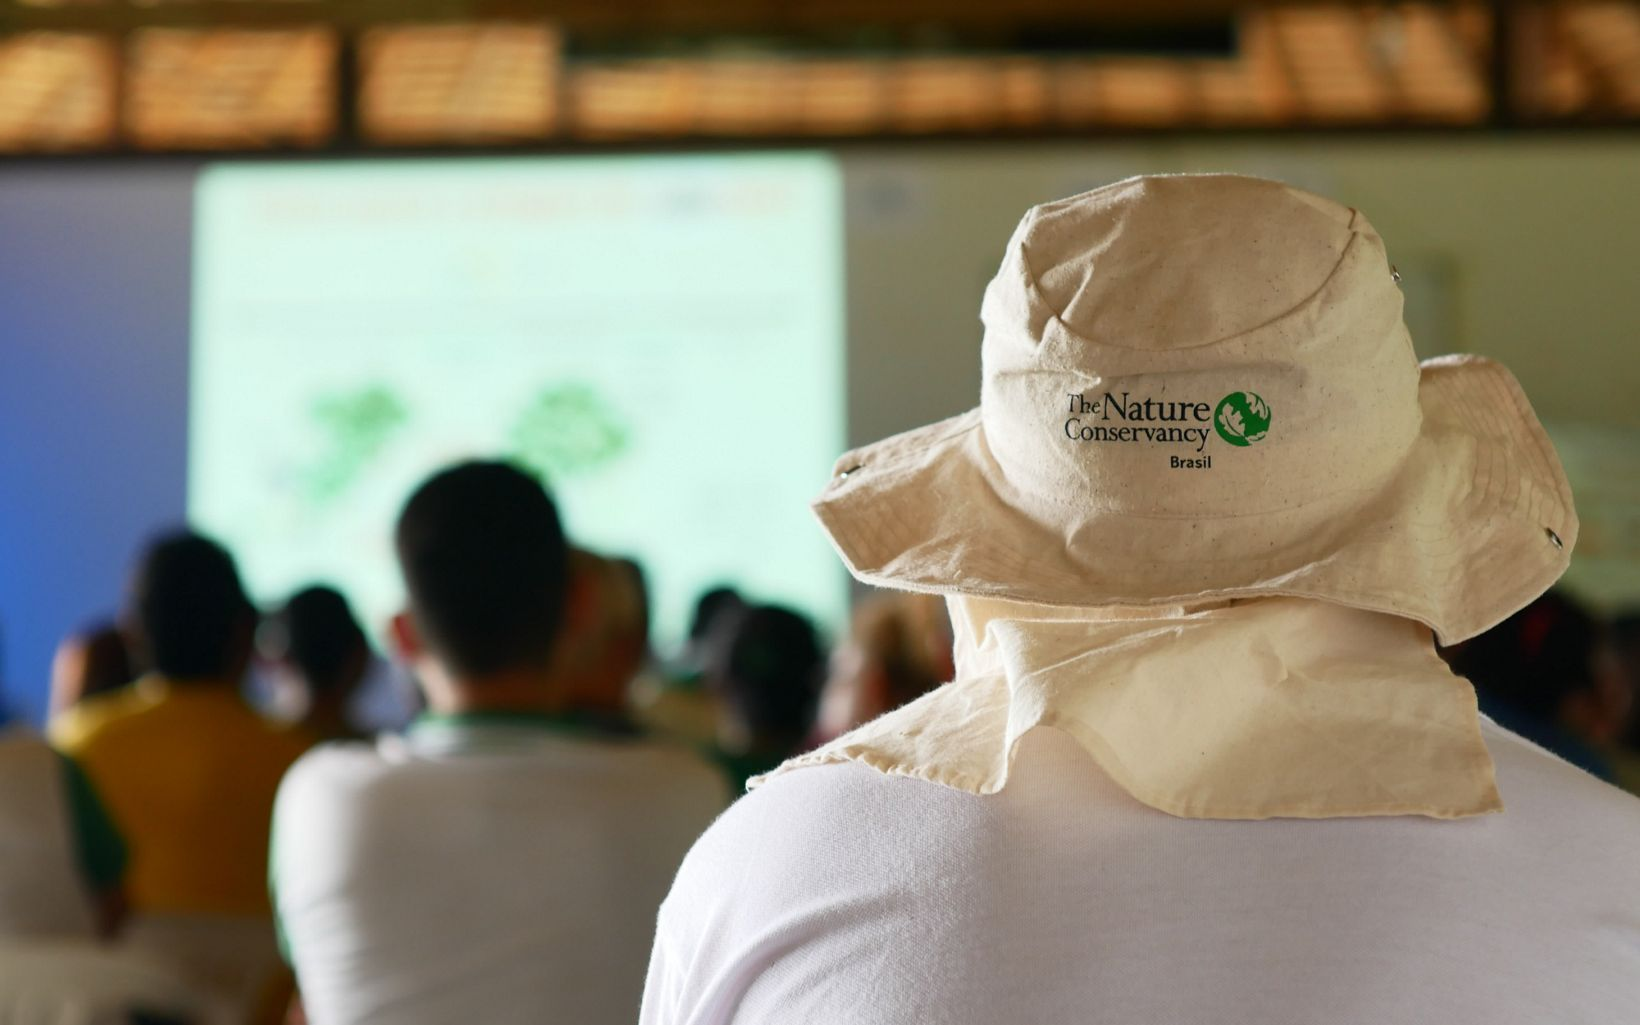 Parte do curso aconteceu contou com apresentações teóricas no Centro Experimental Floresta Ativa.